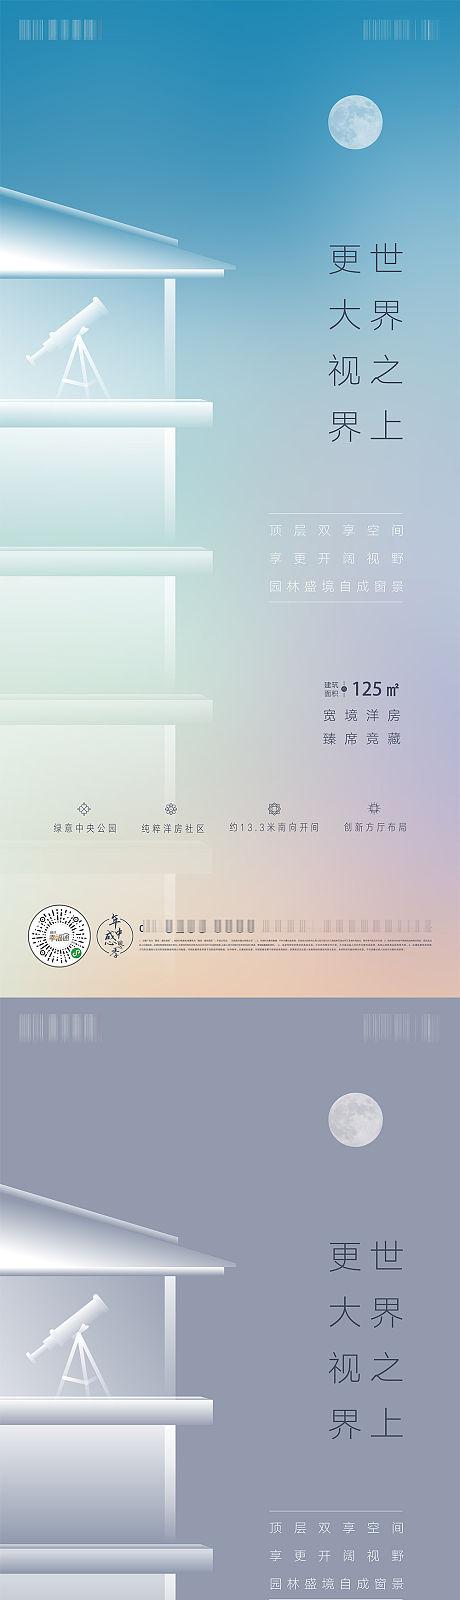 地产洋房观景台系列海报